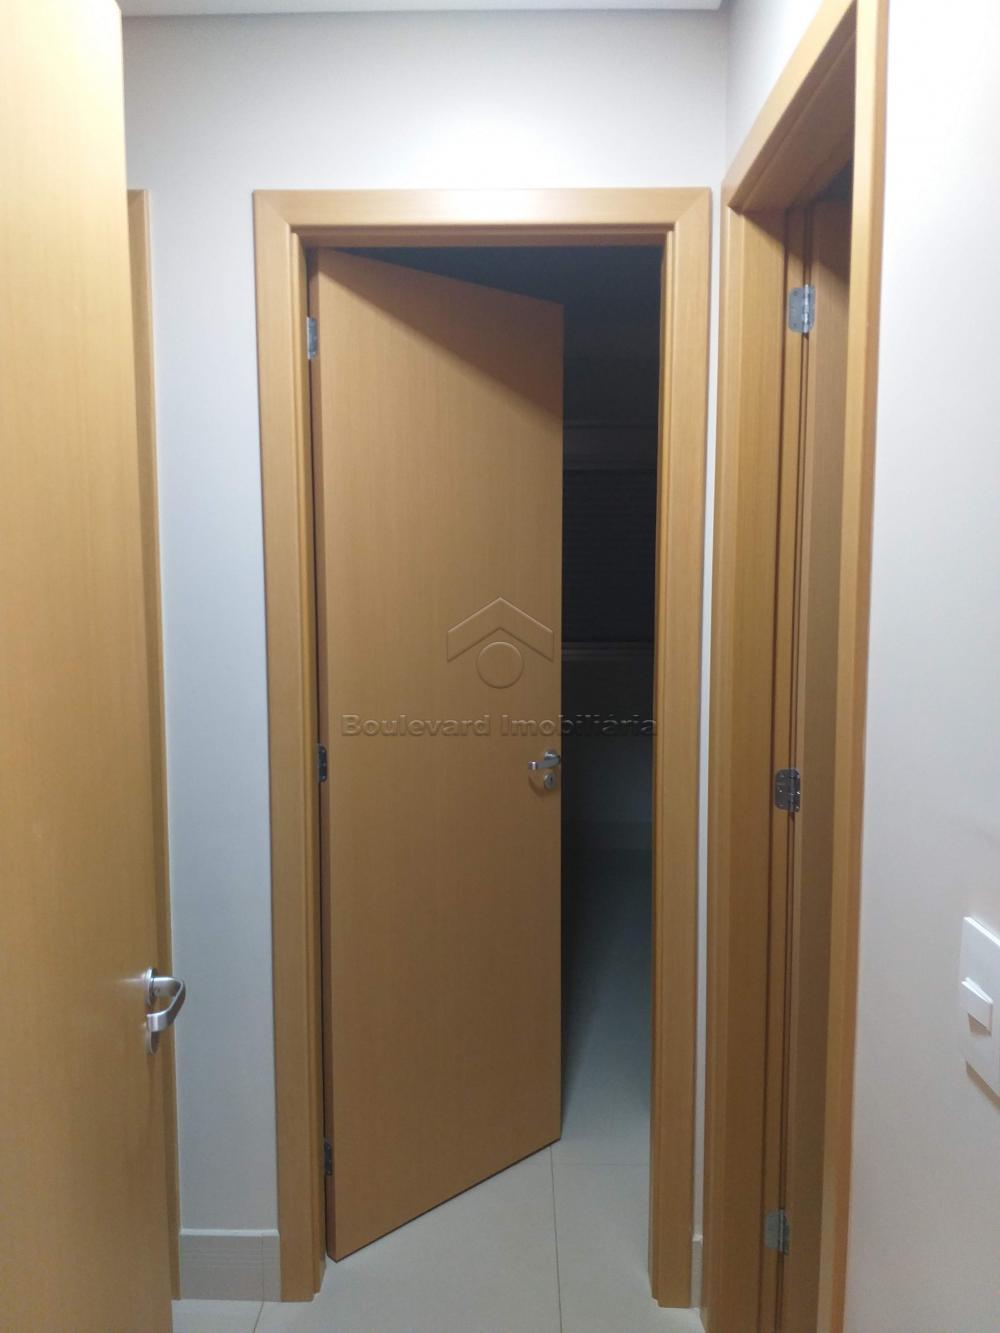 Comprar Apartamento / Padrão em Ribeirão Preto apenas R$ 740.000,00 - Foto 8